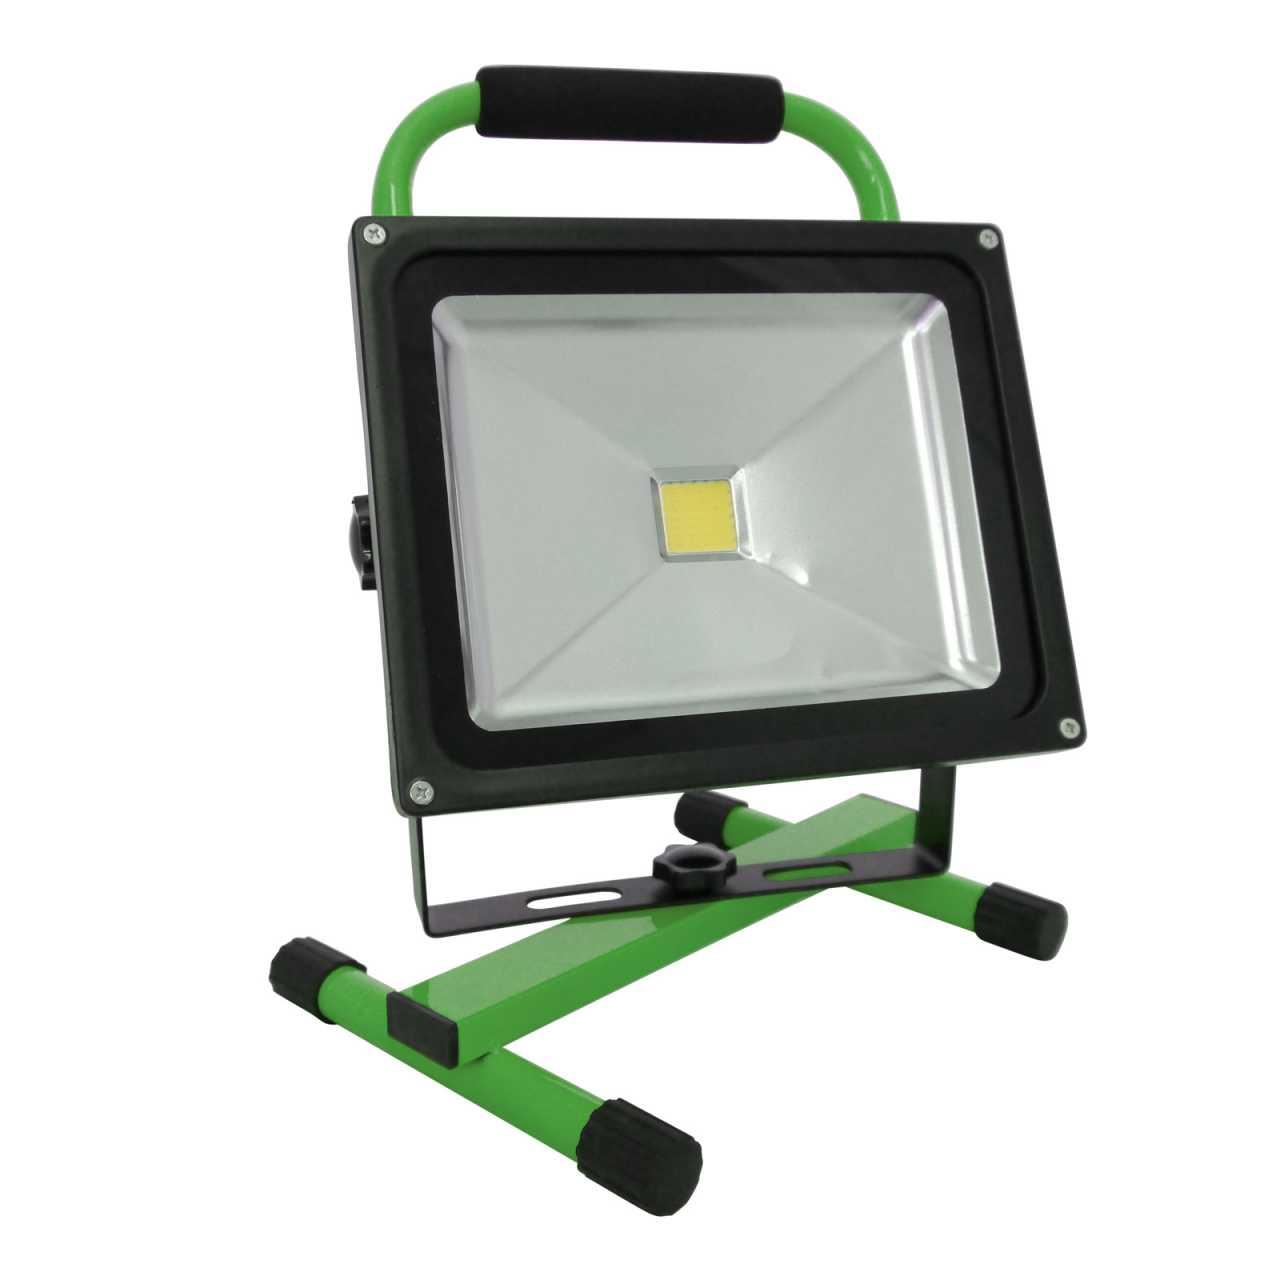 Grafner® LED Baustrahler 30 Watt 8800 mAh Akku in Grün Flutlicht